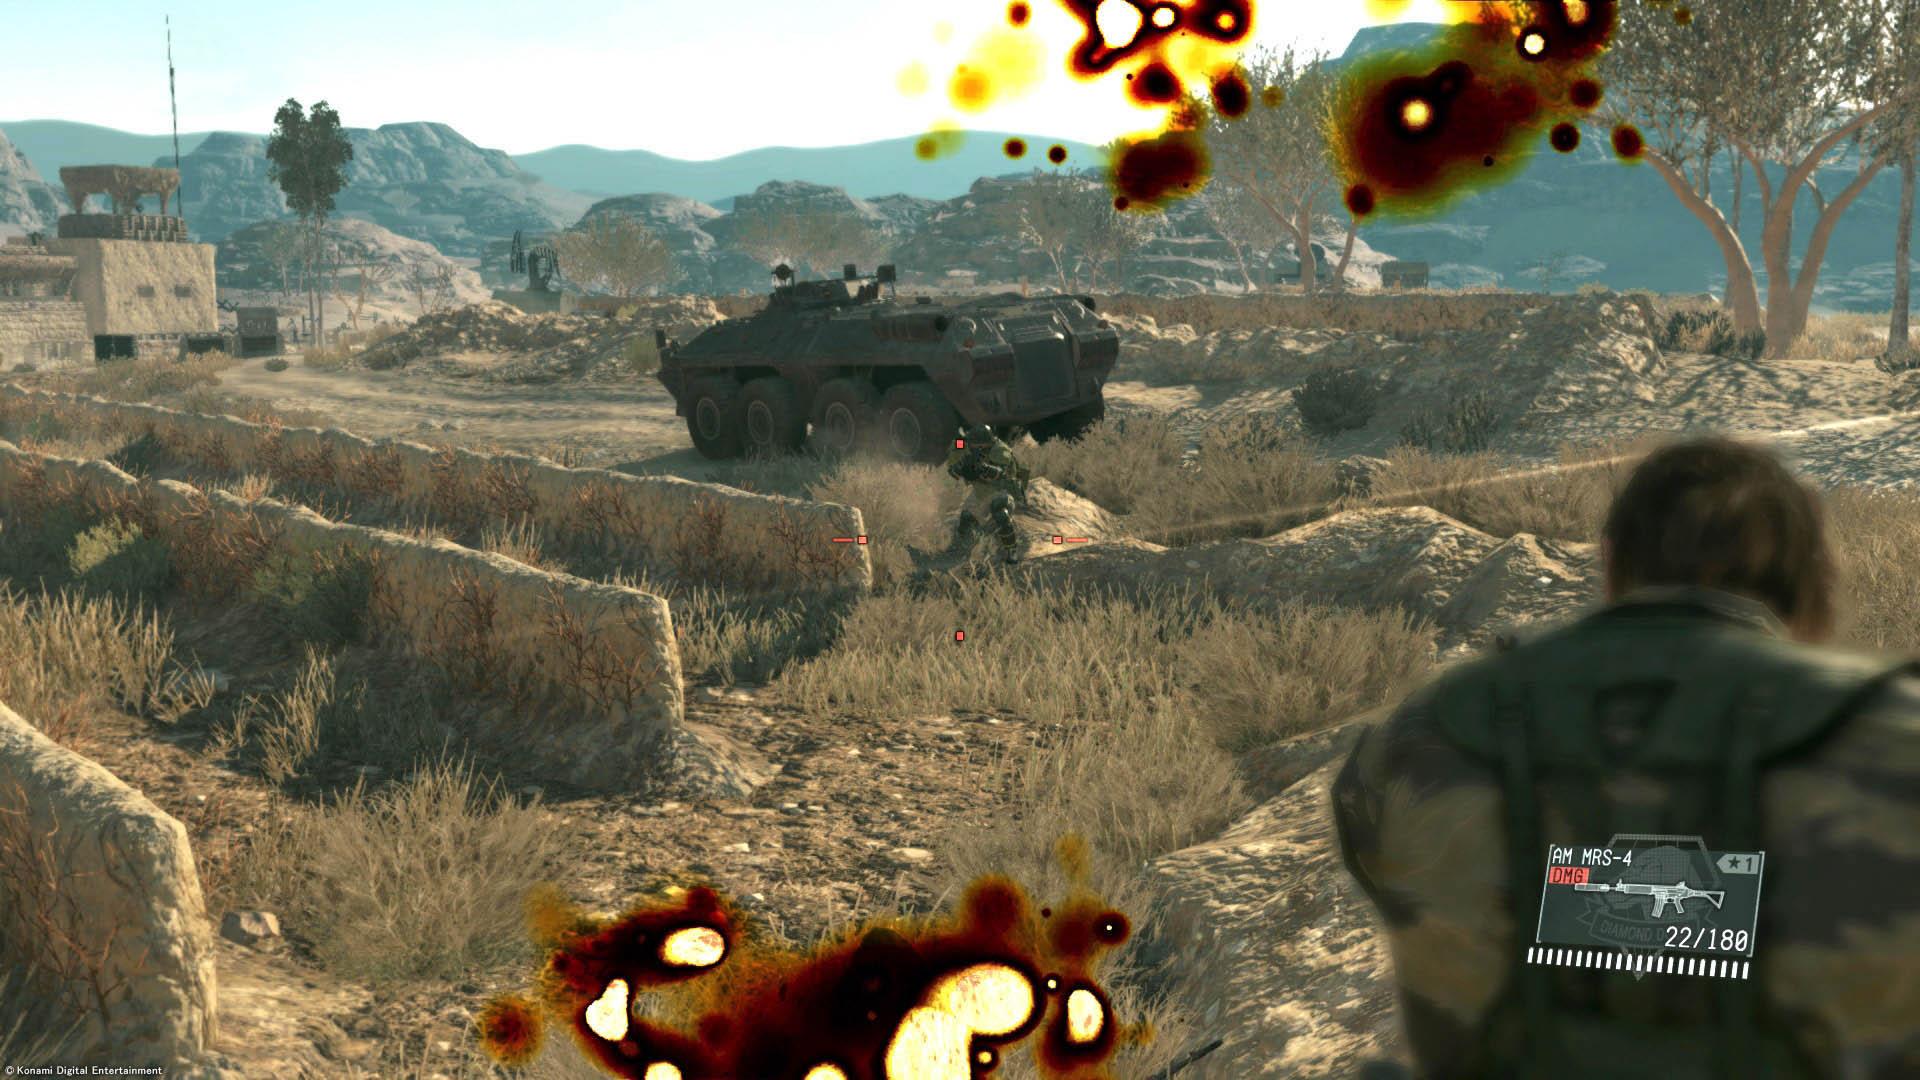 Οι μάχες ενάντια σε άρματα απαιτούν προσοχή...